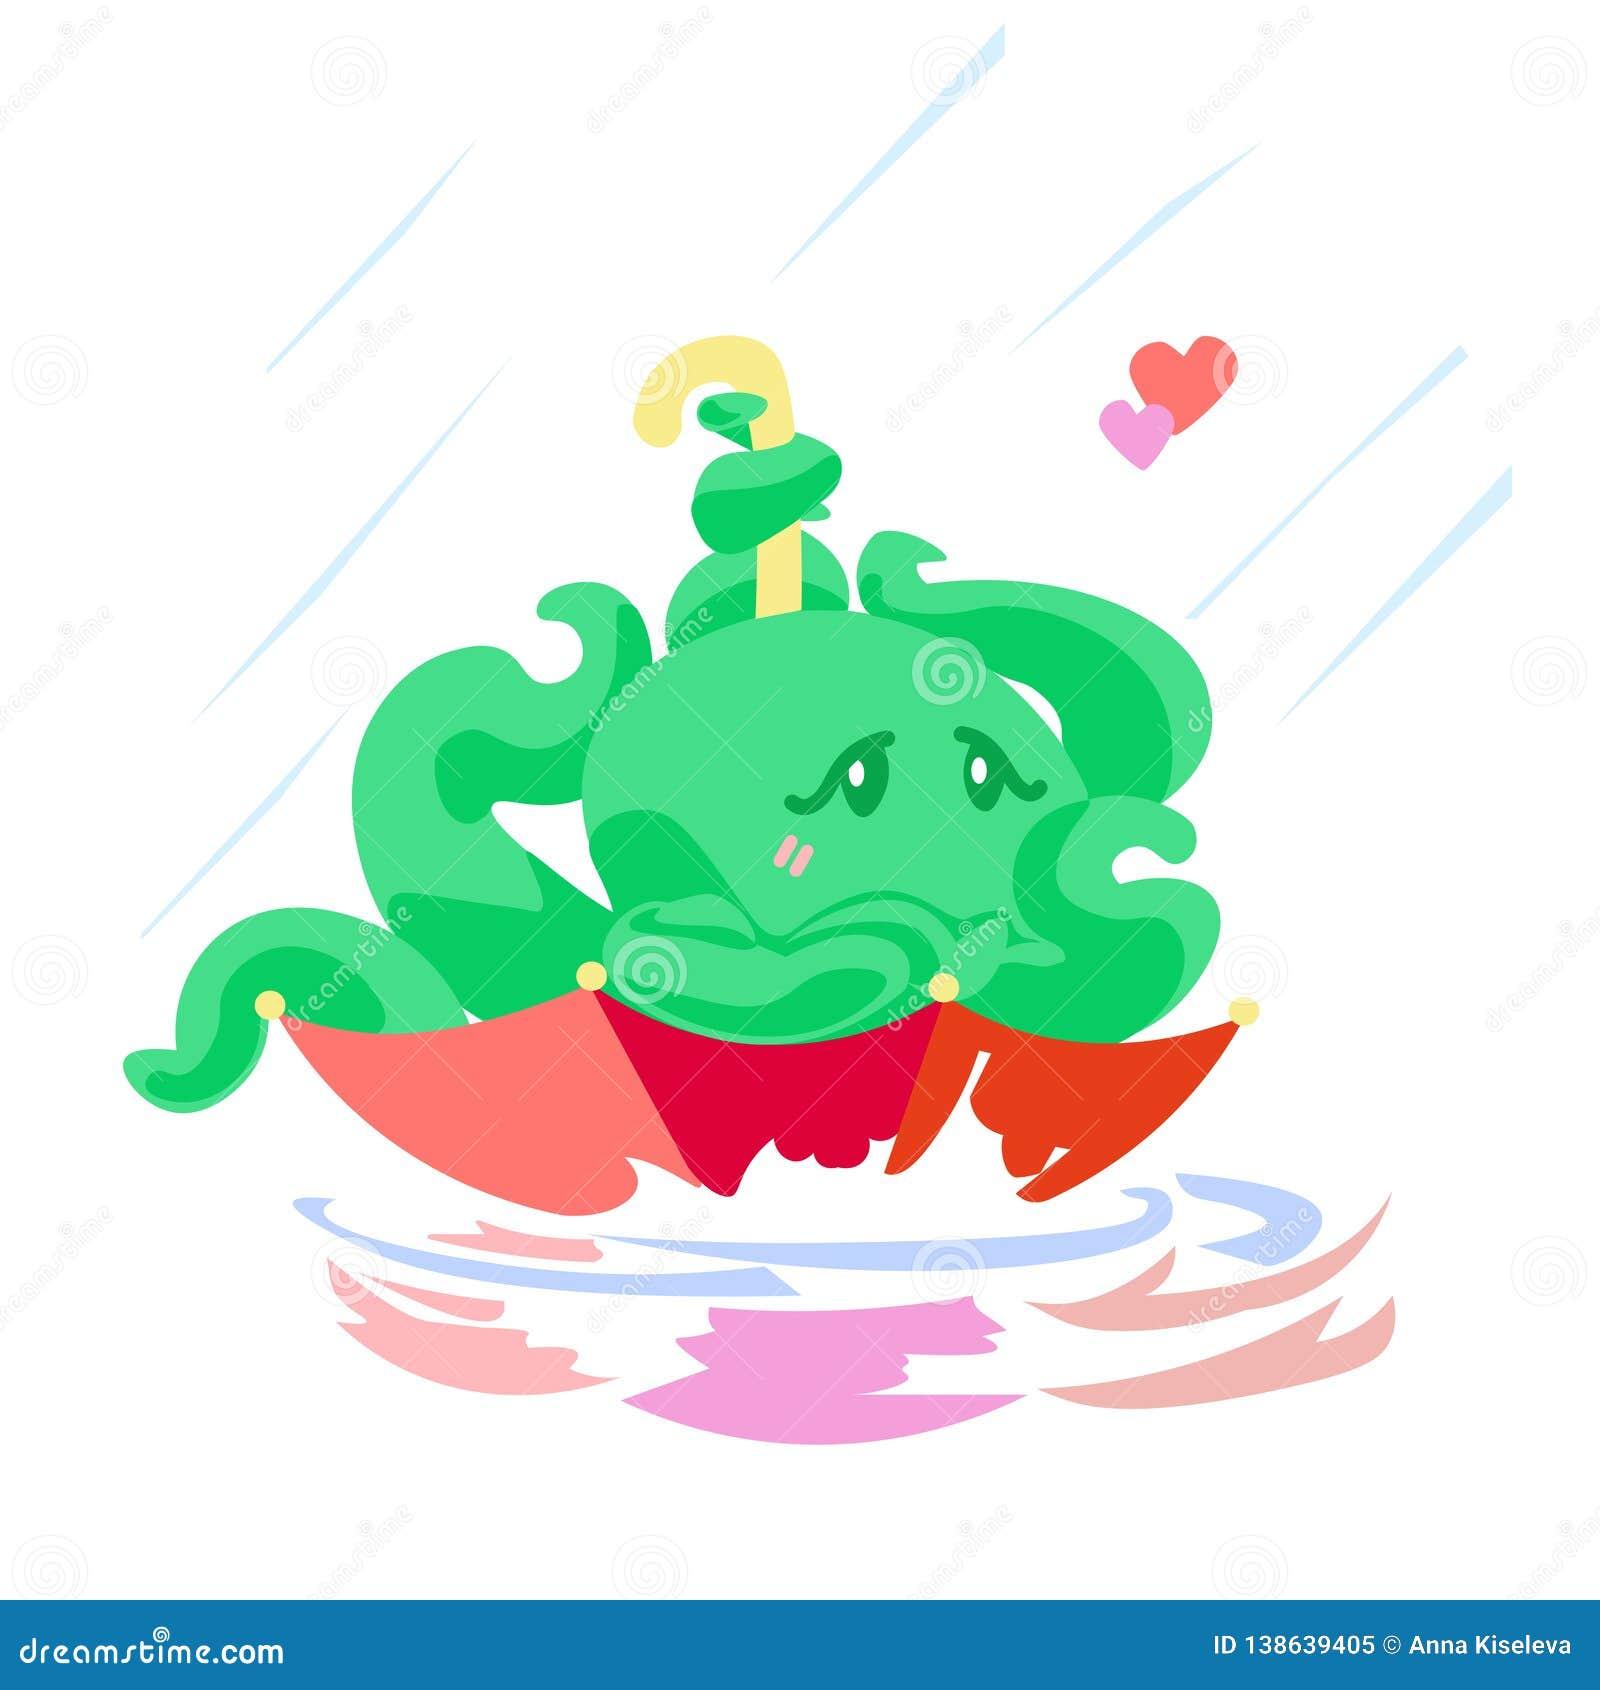 Χαρακτήρας χταποδιών καρτών του χαριτωμένου βαλεντίνου κινούμενων σχεδίων στην ομπρέλα κάτω από τη ζωική απεικόνιση βροχής